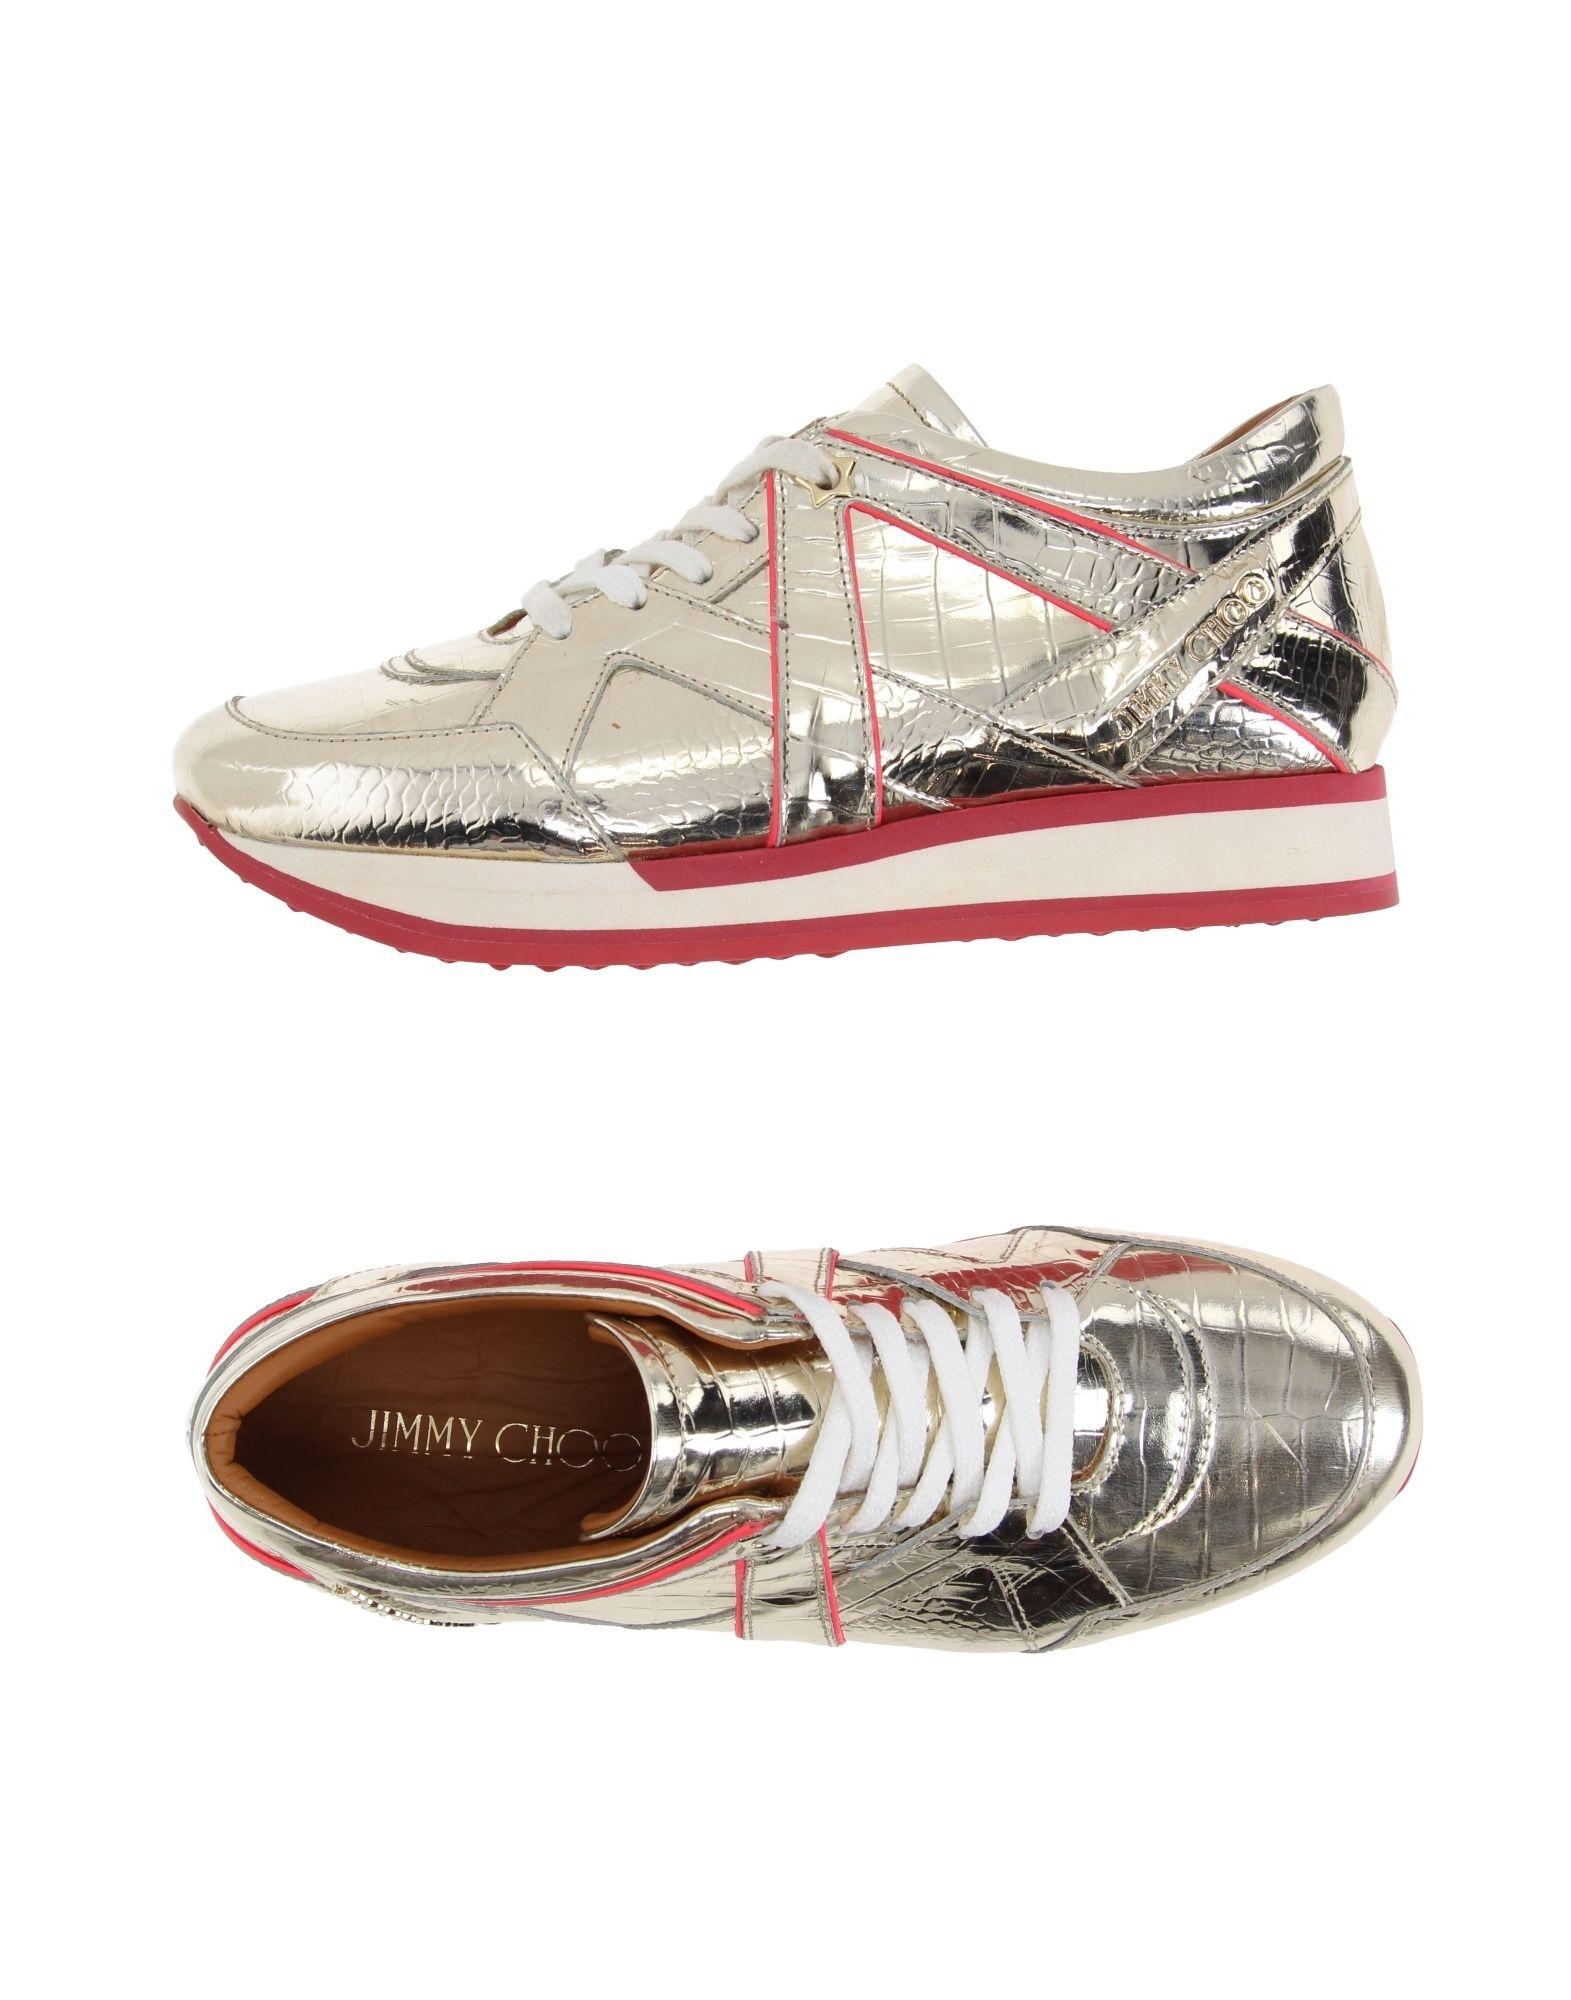 Jimmy Choo Sneakers - Women Women Women Jimmy Choo Sneakers online on  Canada - 11172300GB 1e1146